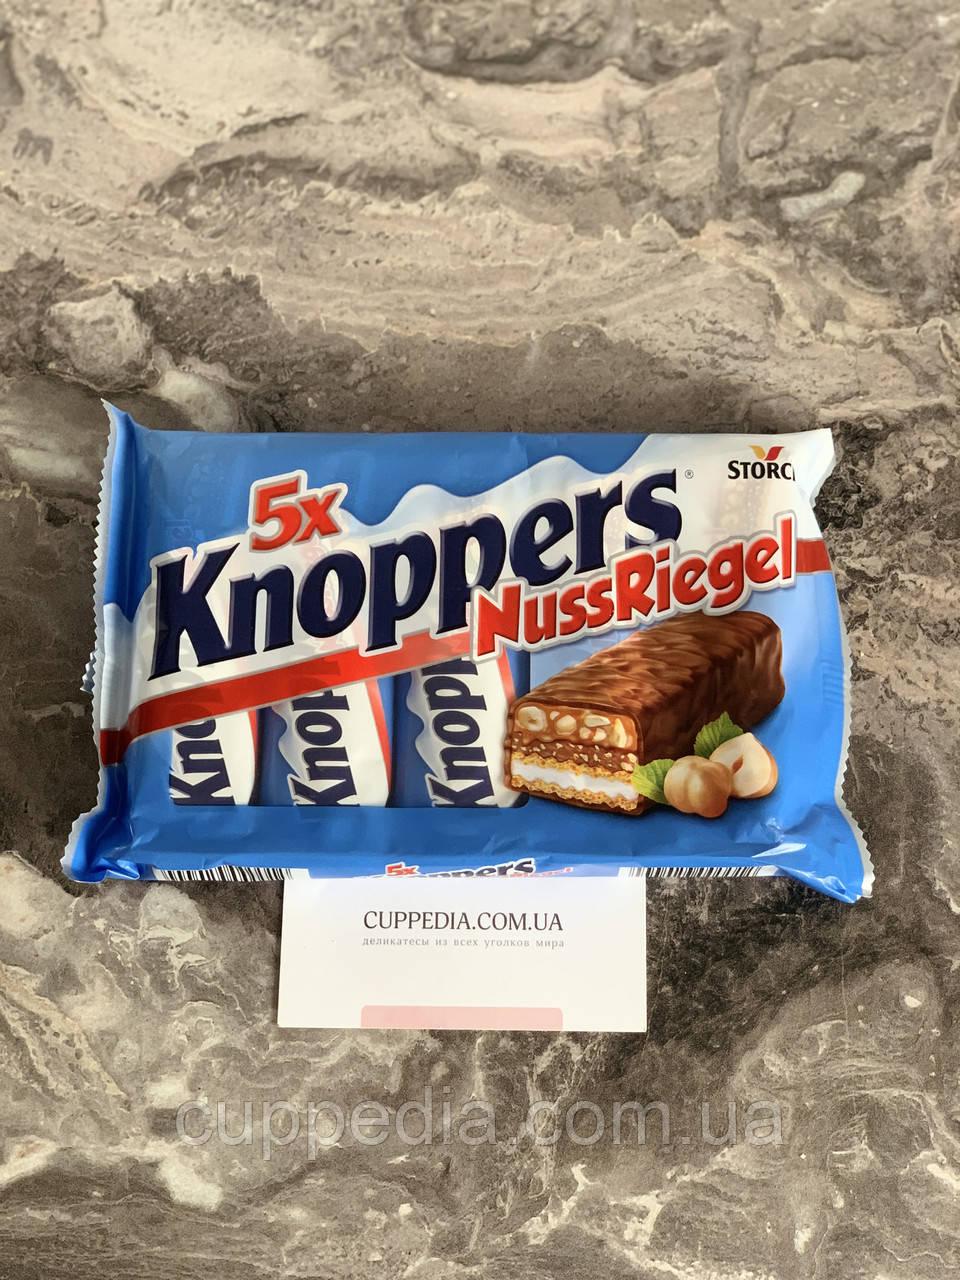 Шоколадні батончики Knoppers Nuss Riegel 200 гр